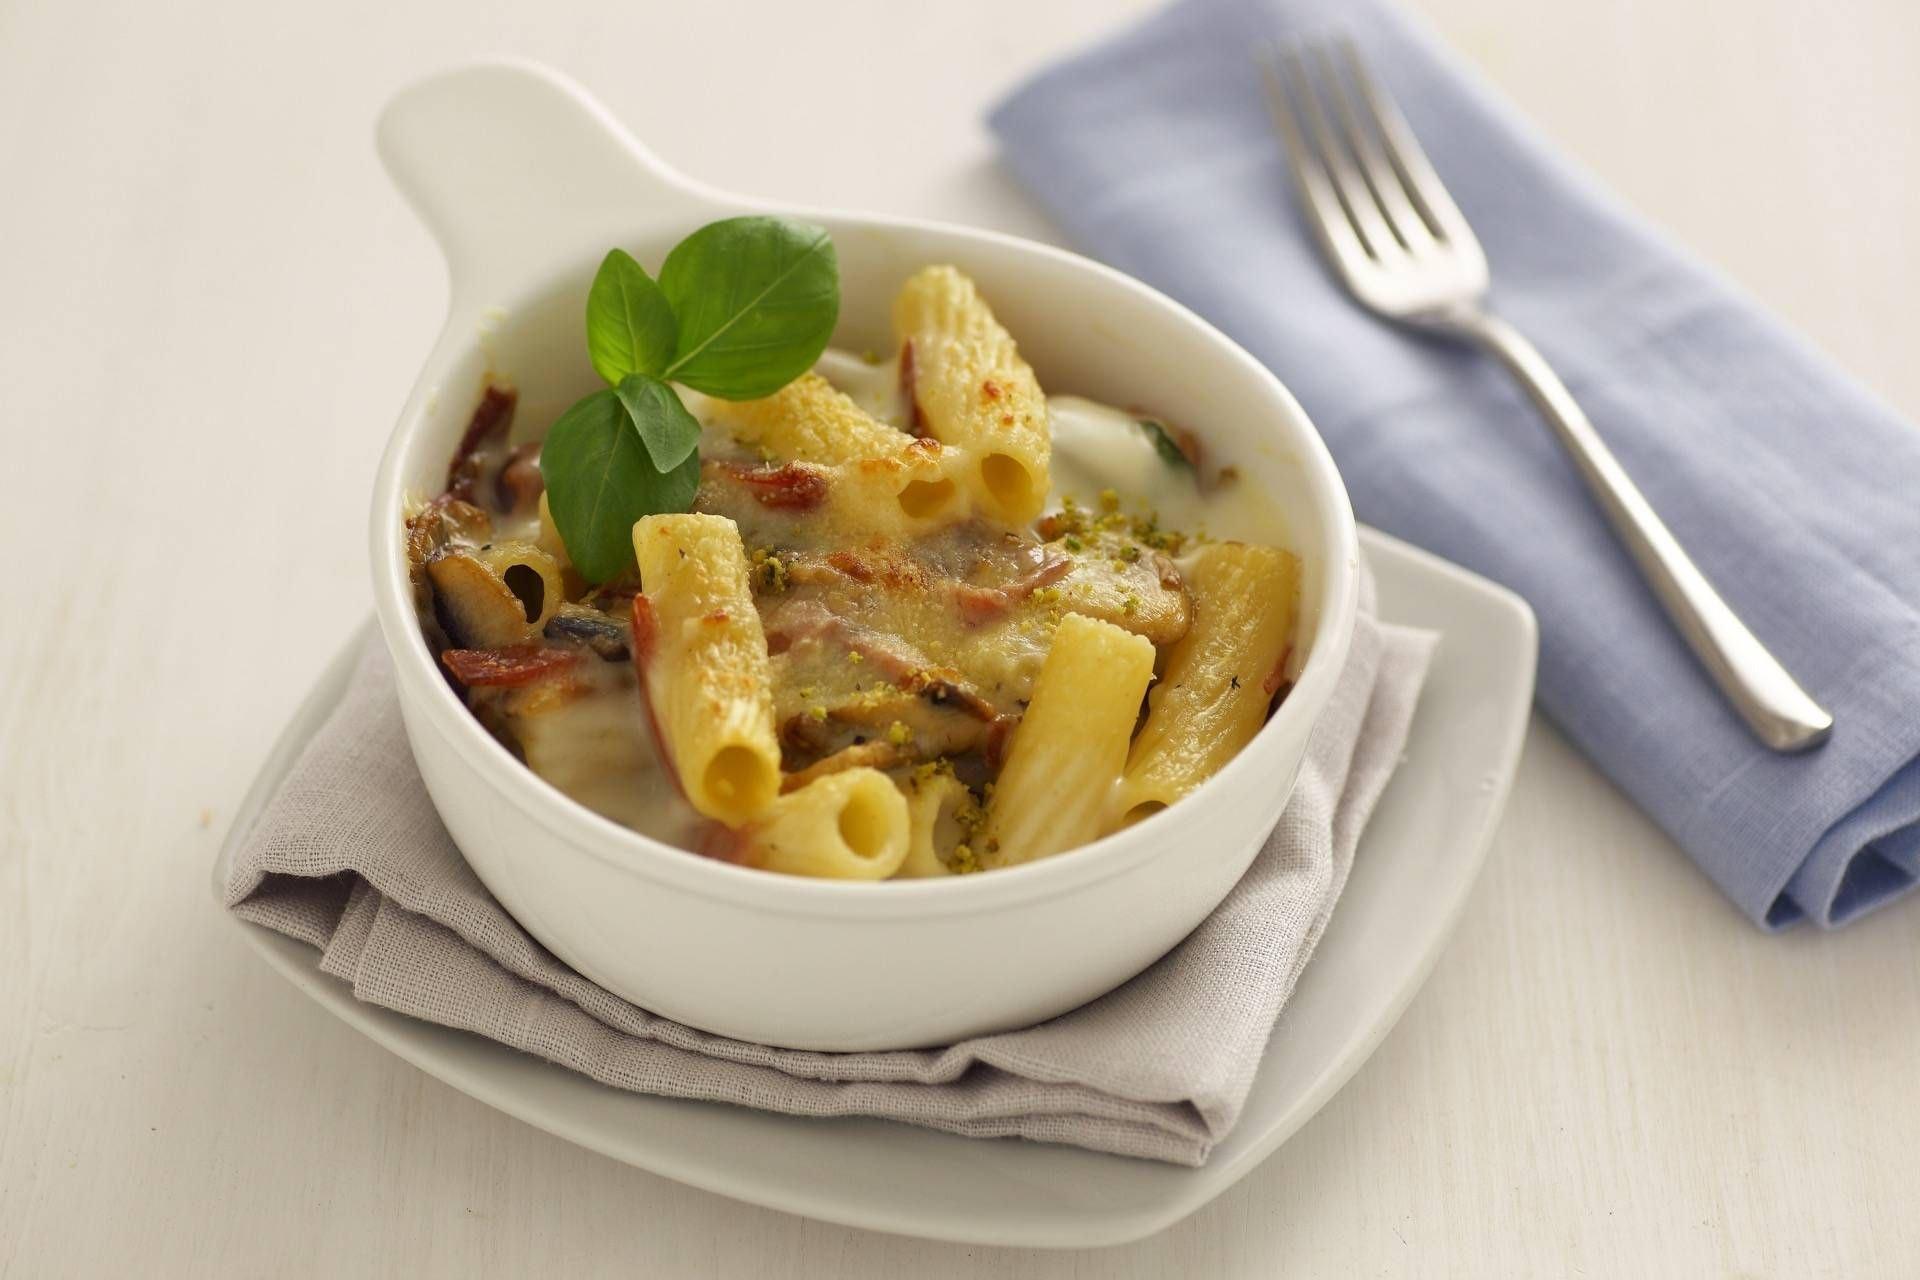 Pasticcio di tortiglioni - Parmalat